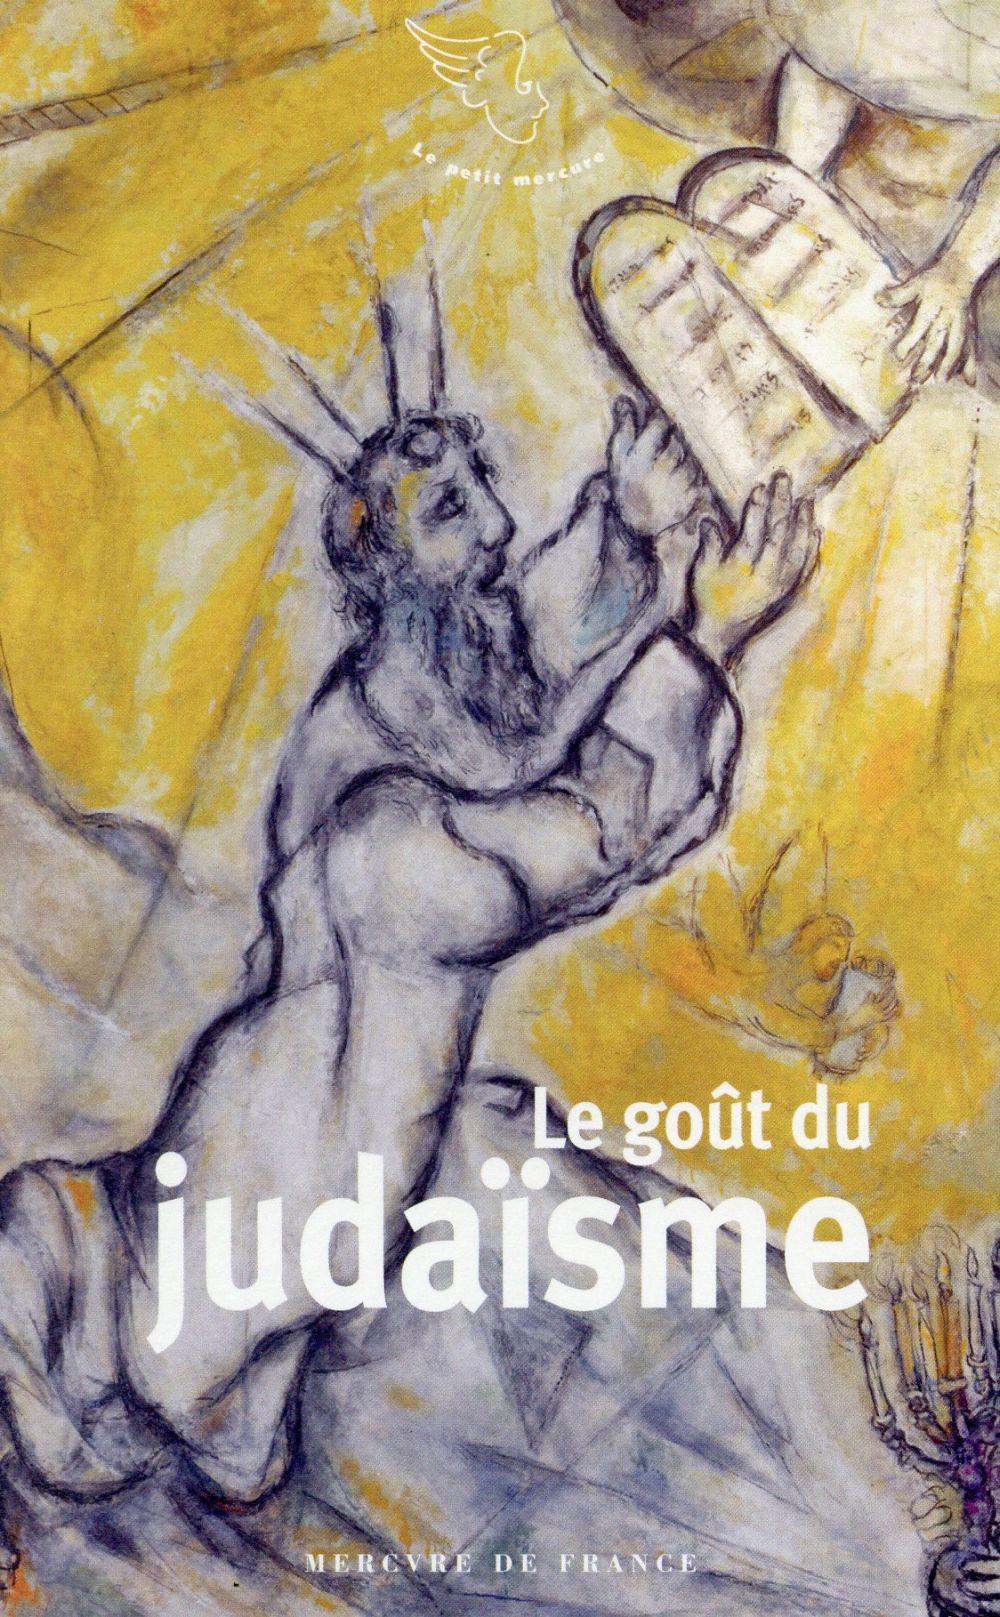 Le goût du judaïsme